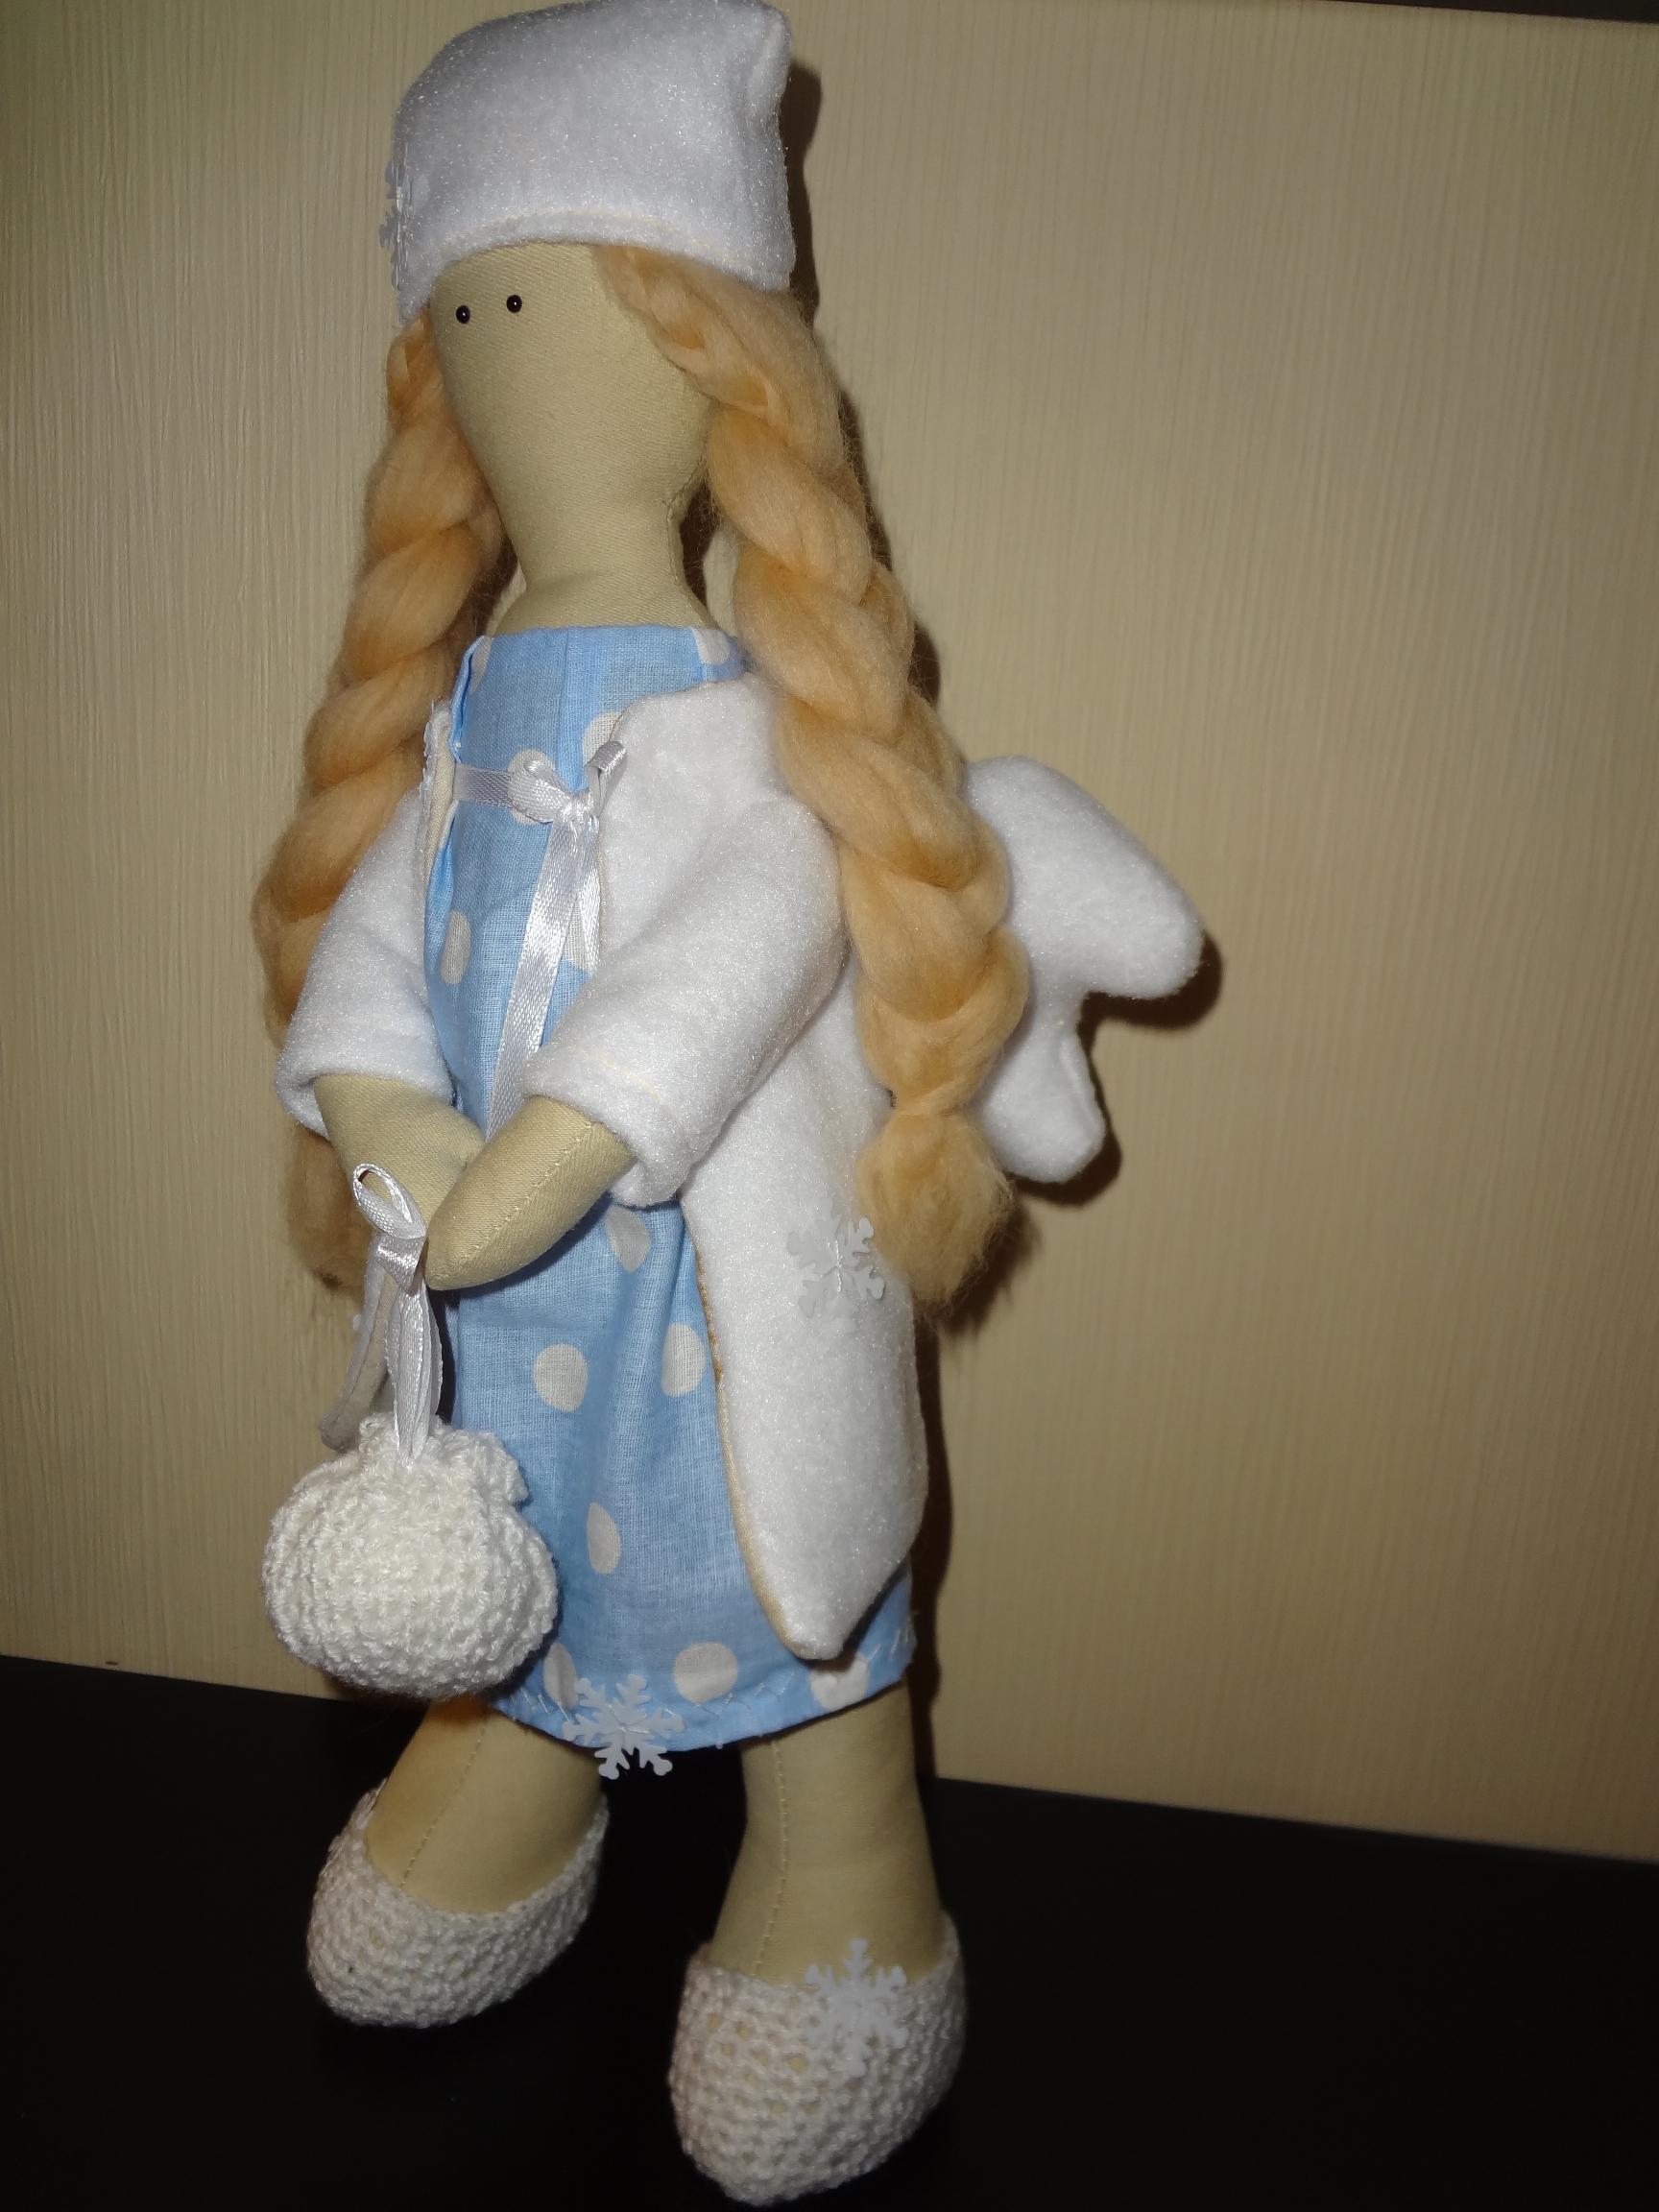 Снежный ангел. 42 см. Самостоятельно сидит и стоит. Крылья убираются (на крючке), одежда не съемная, шапка снимается. Волосы шерсть, одежда текстиль, украшения атласные ленты, снежинки